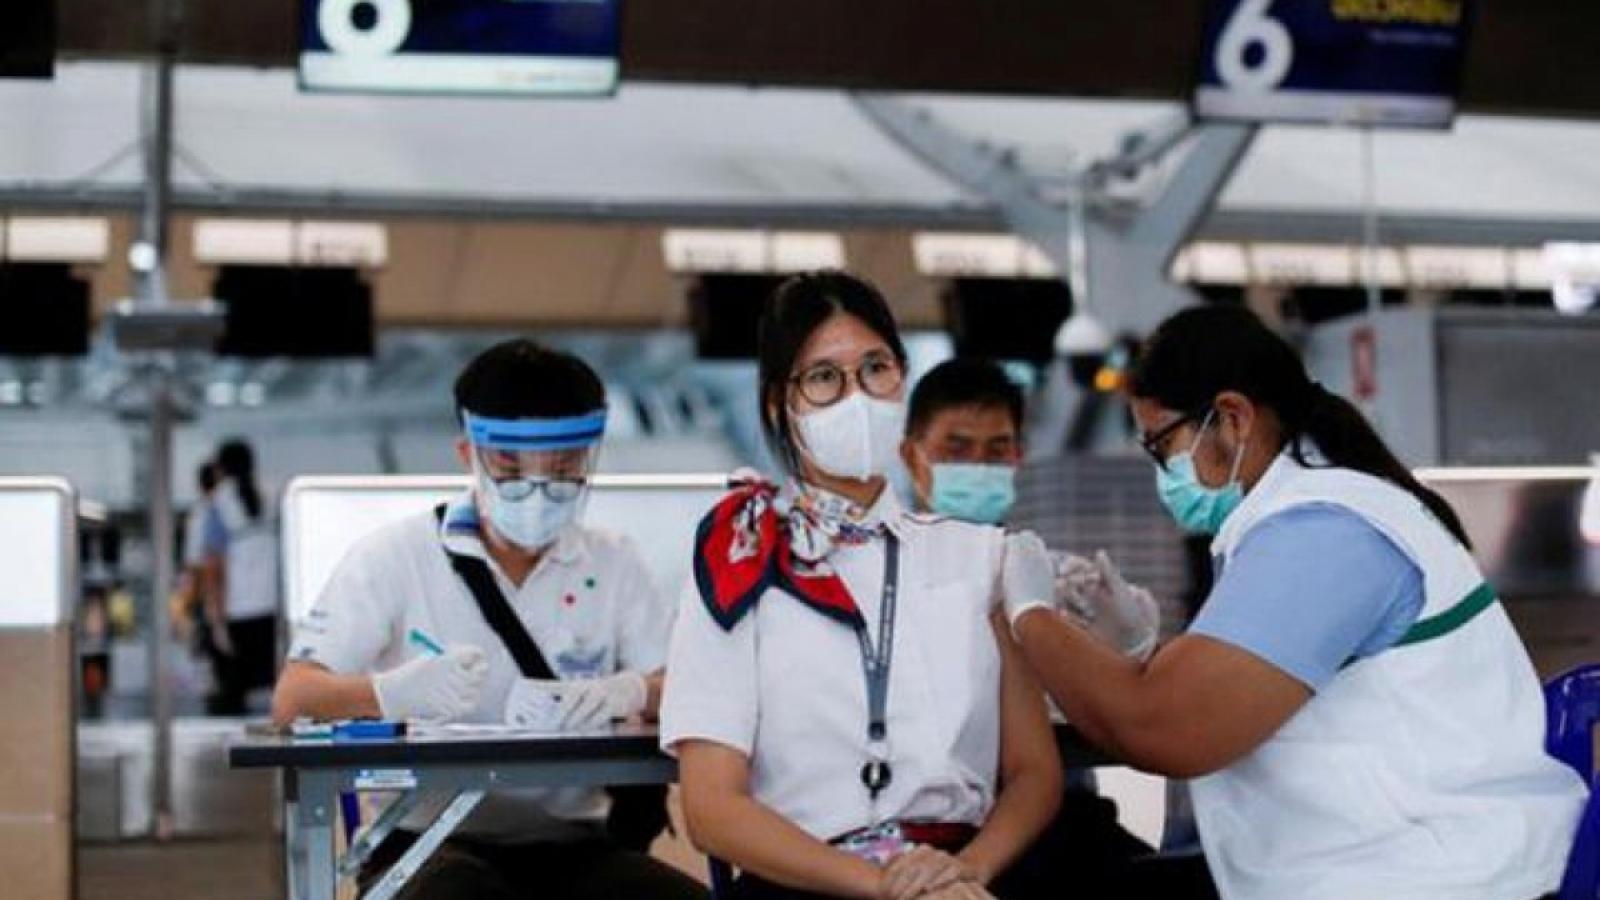 Châu Á có thể là khu vực cuối cùng phục hồi sau đại dịch Covid-19